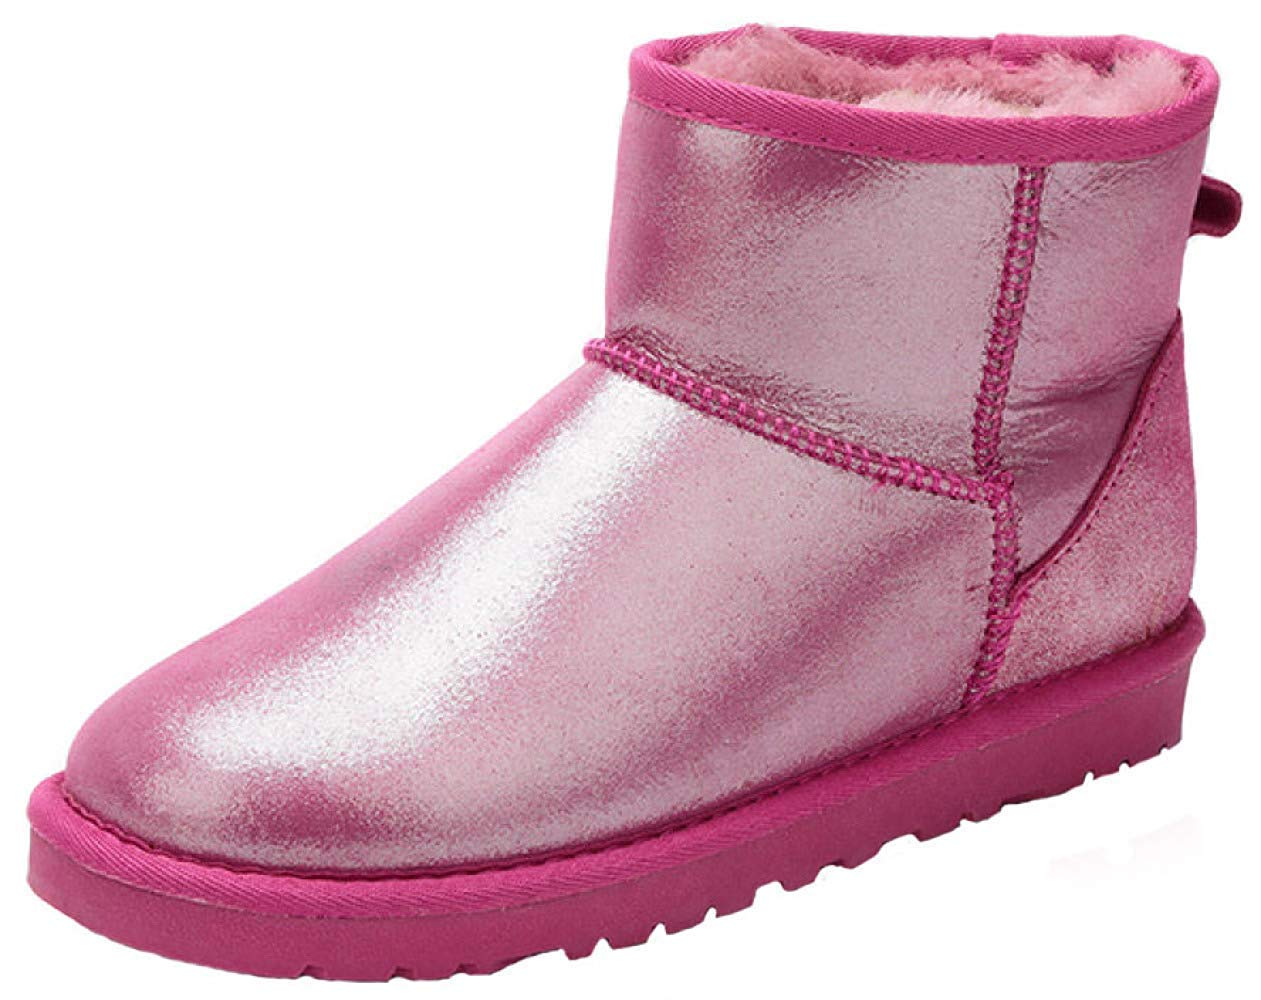 Qiusa Bottes de Neige en Cuir épaisses et Chaudes Chaudes Chaudes pour Femmes en Cuir (Couleuré   1, Taille   38EU) abf